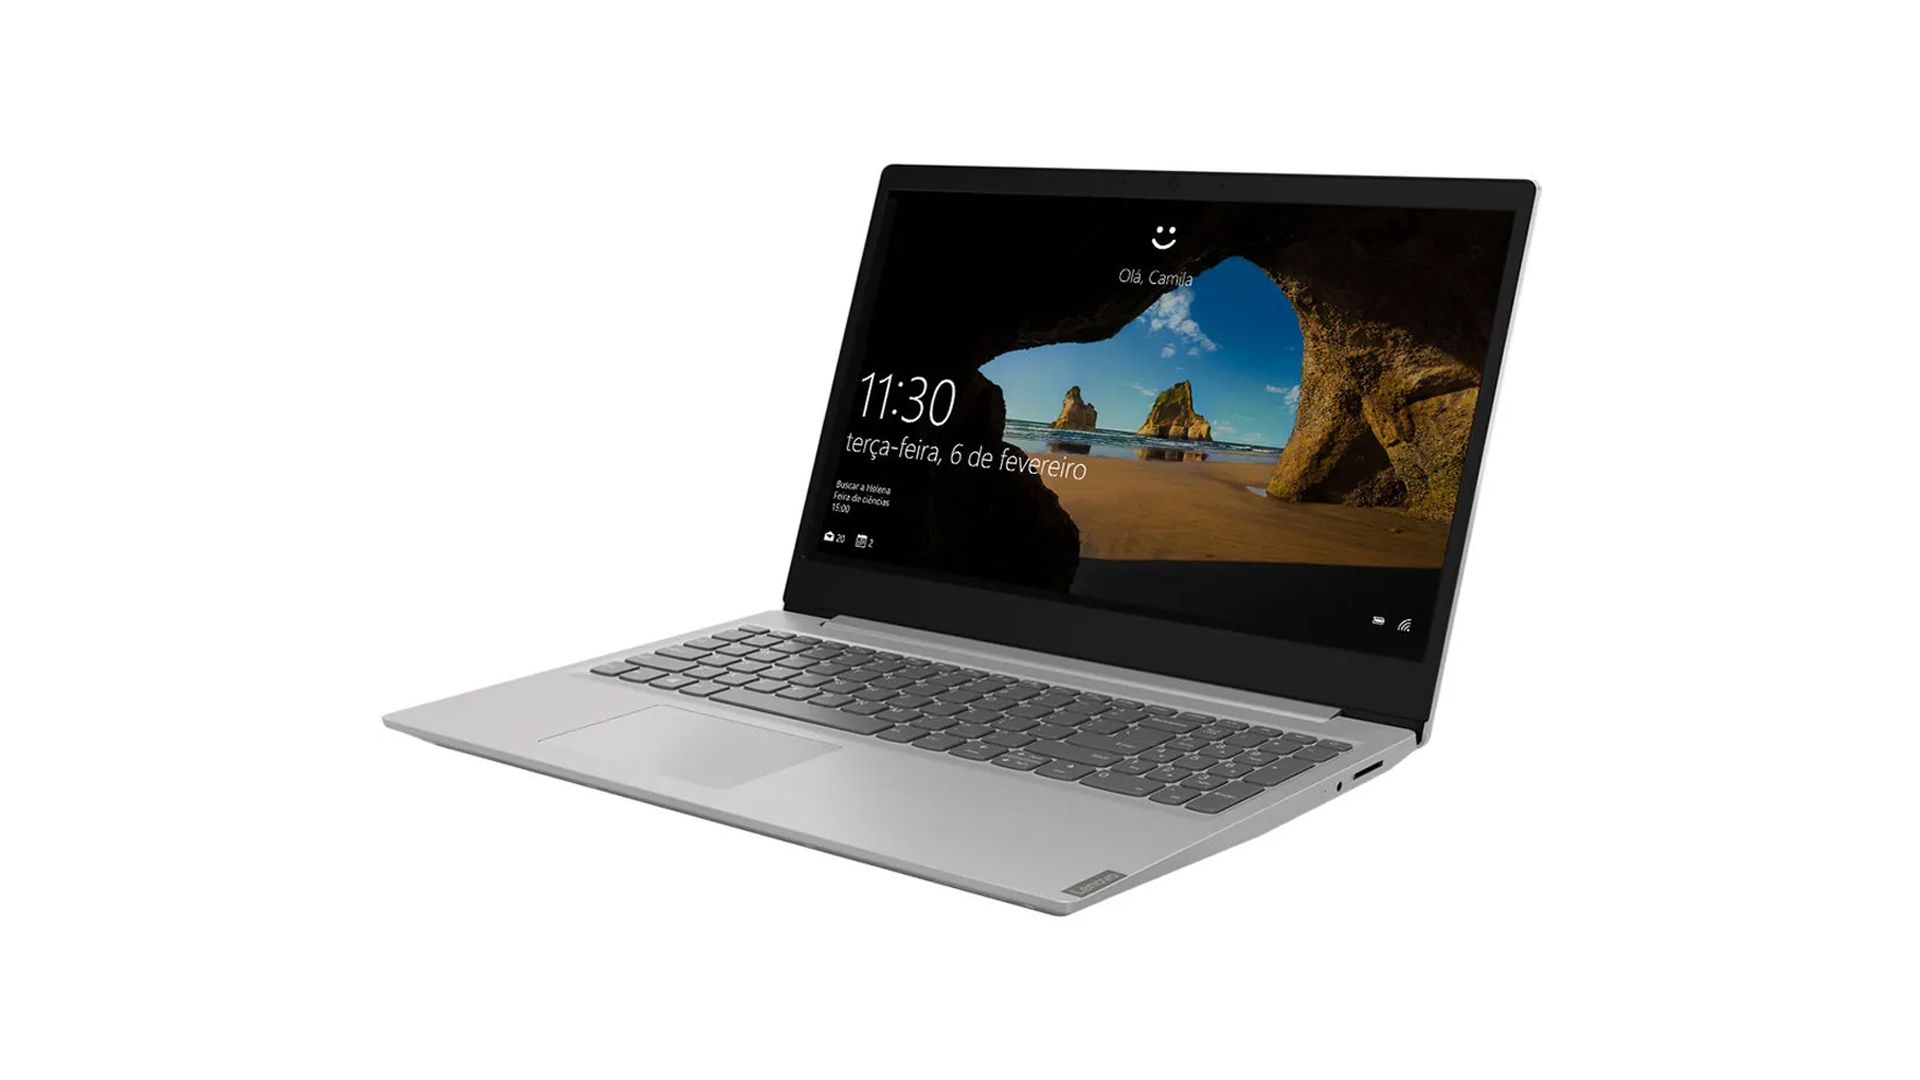 Lenovo IdeaPad S145 com i3 é recomendado para atividades simples. (Foto: Divulgação/Lenovo)